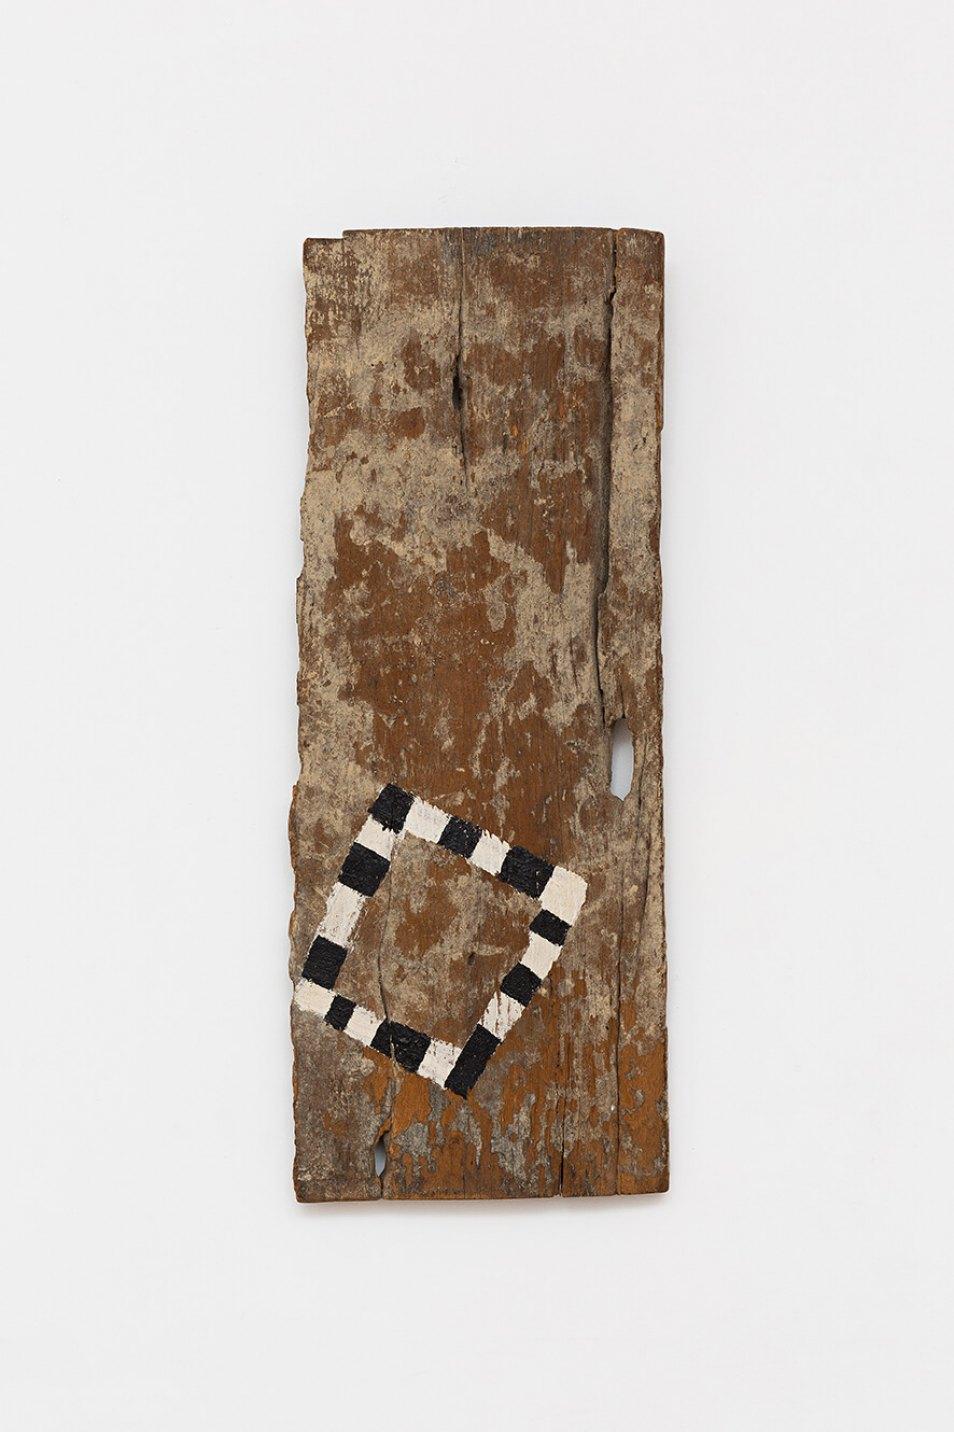 Celso Renato,<em>untitled</em>, 1992,oil on wood,59 ×23 cm - Mendes Wood DM